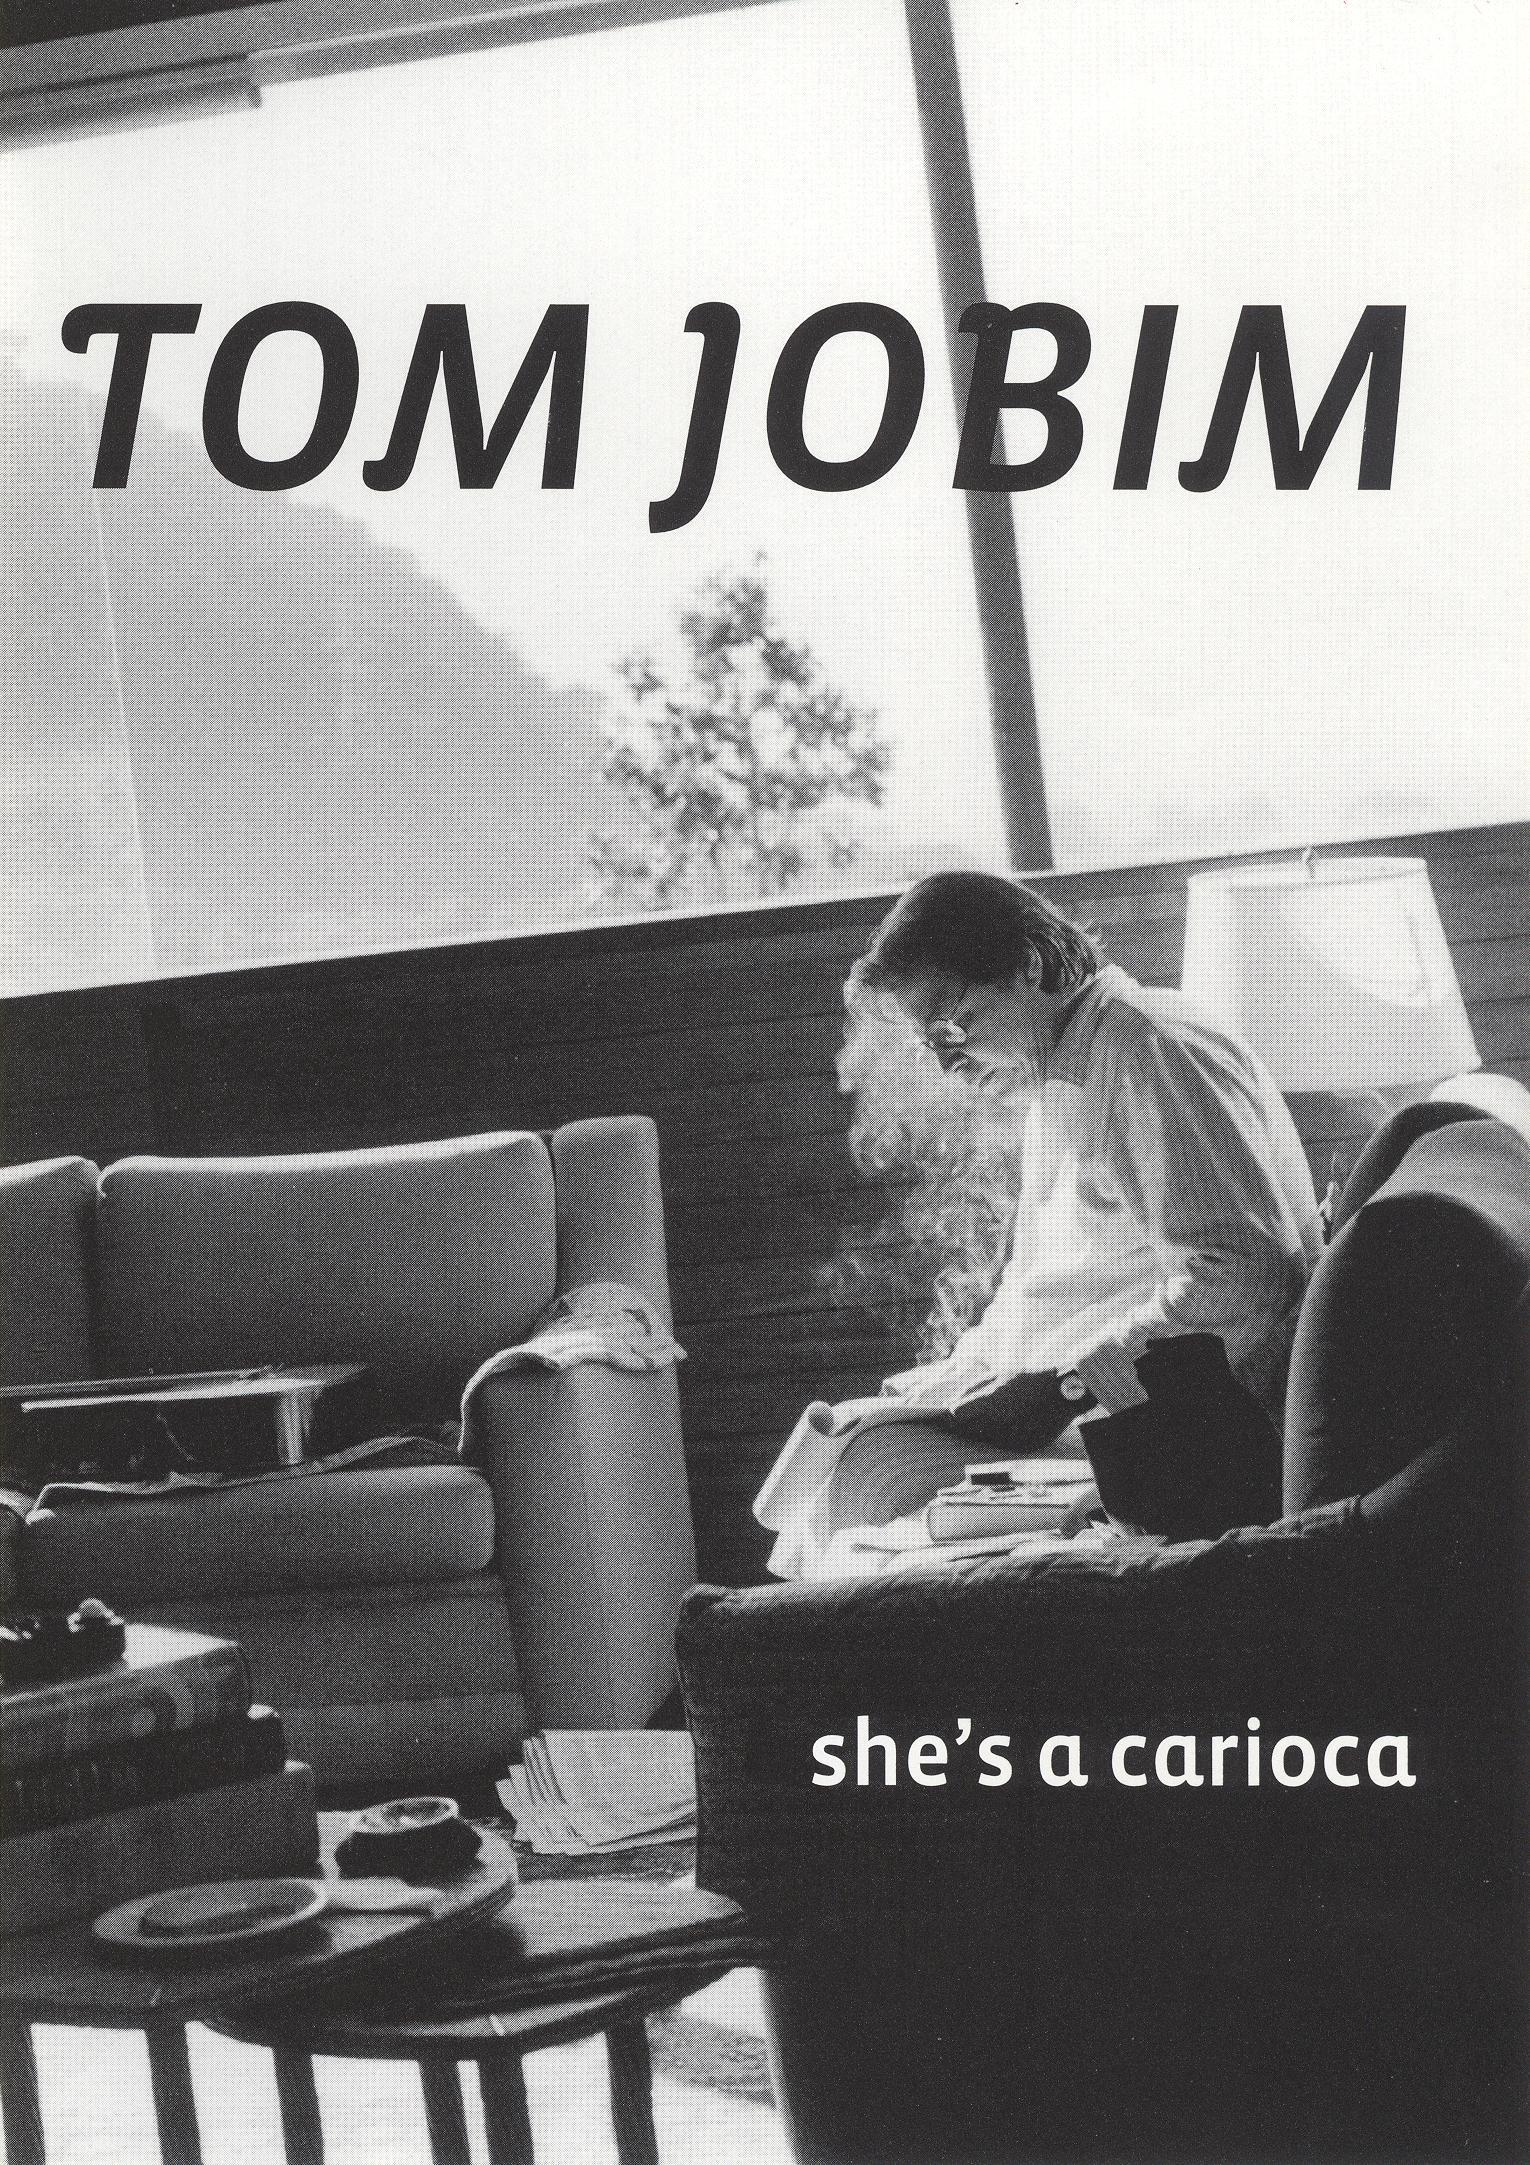 Tom Jobim: She's a Carioca